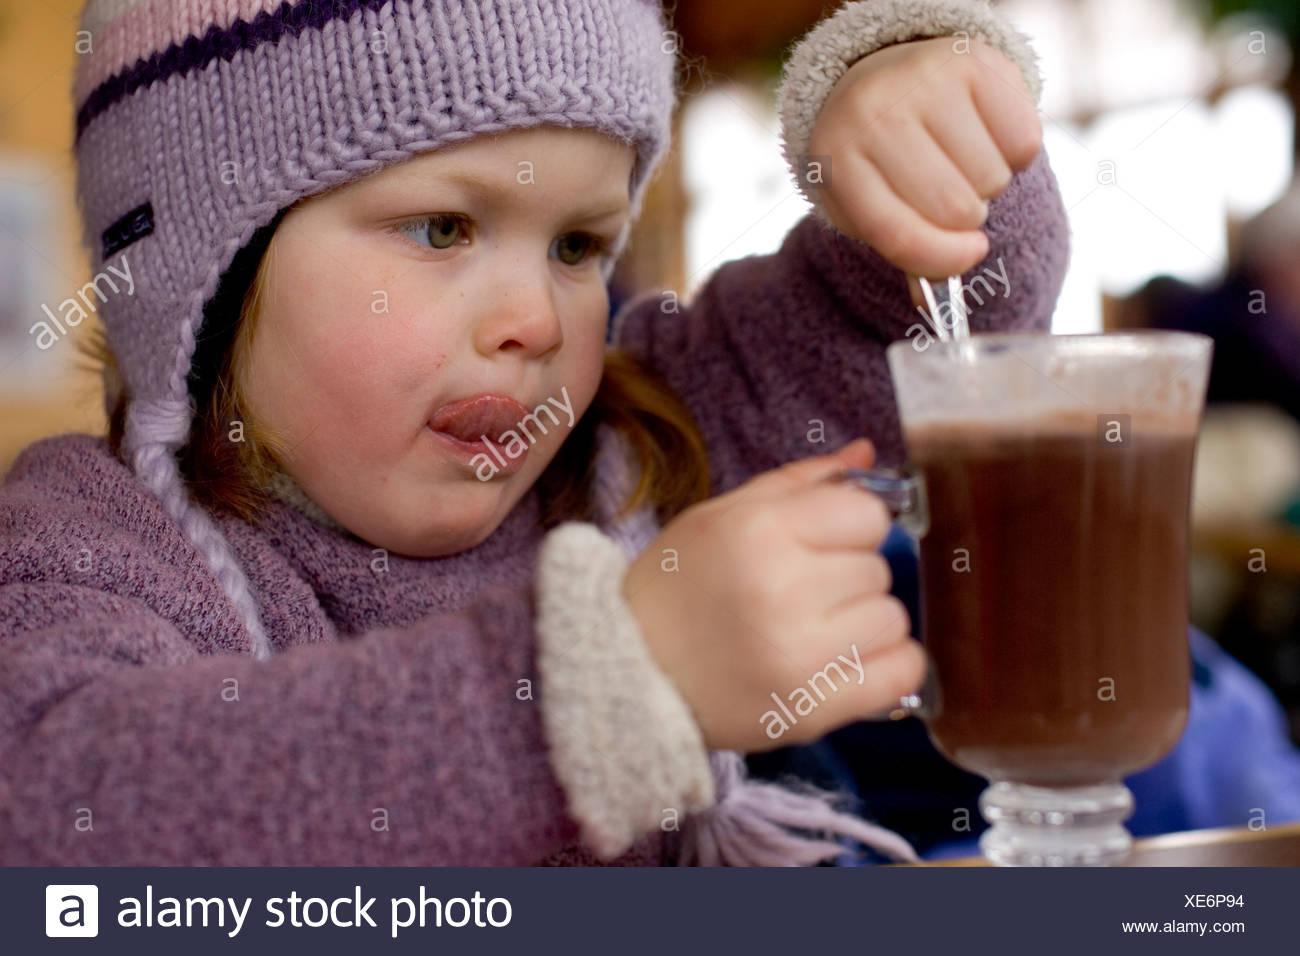 Une jeune fille Boissons Chocolat chaud lors d'une pause de ski à Sunday River dans la région de Bethel, Maine. Photo Stock